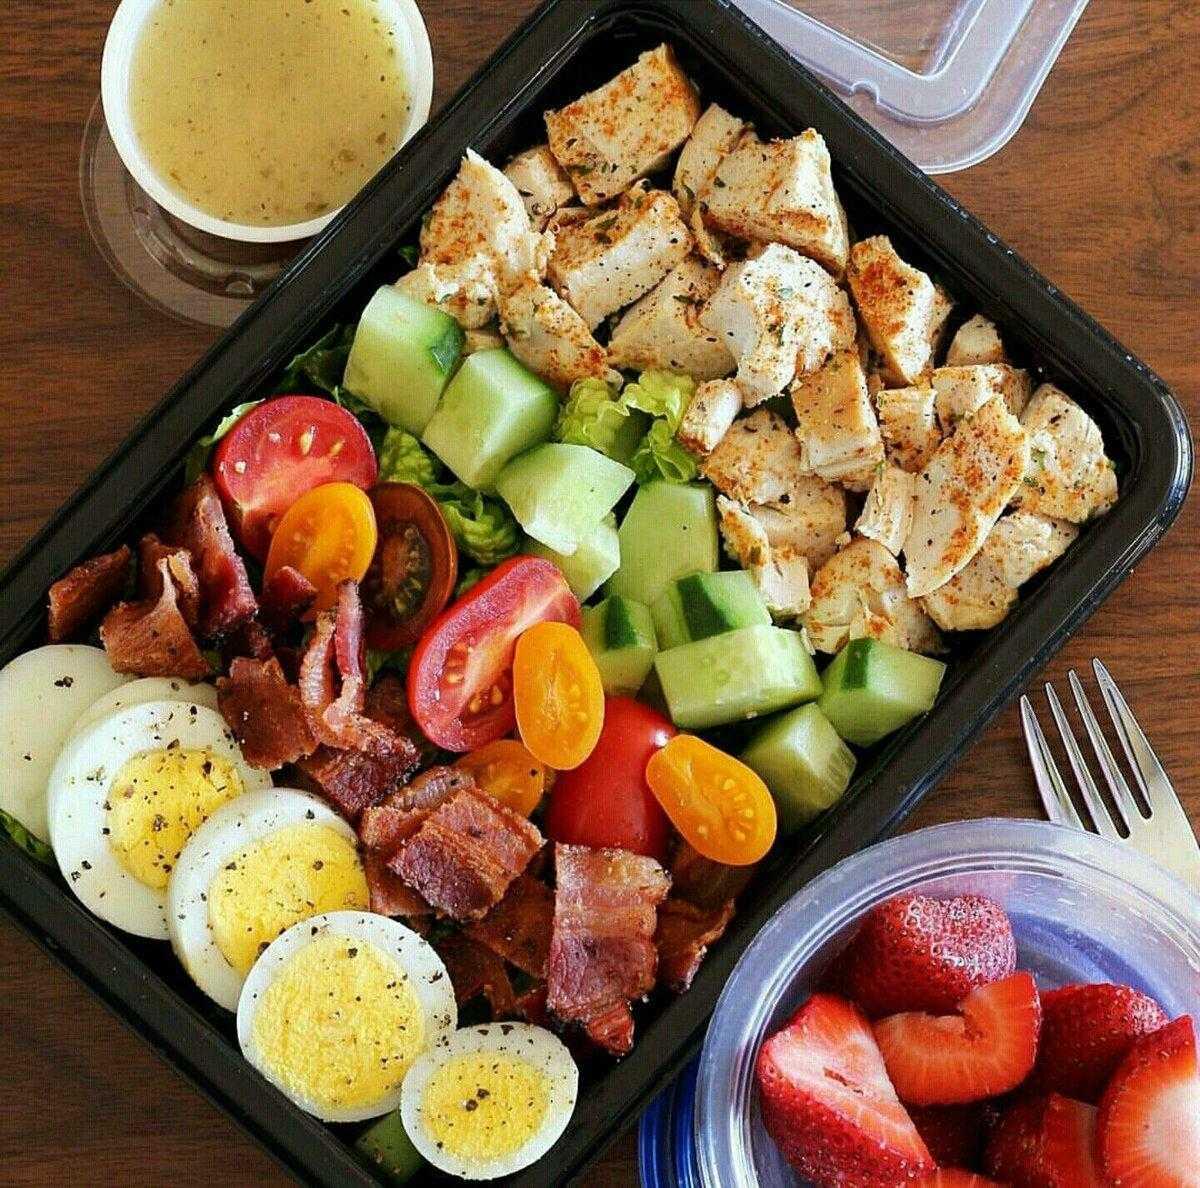 Диета гербалайф для похудения: основные принципы правильного питания, правила соблюдения режима, примерное меню на неделю